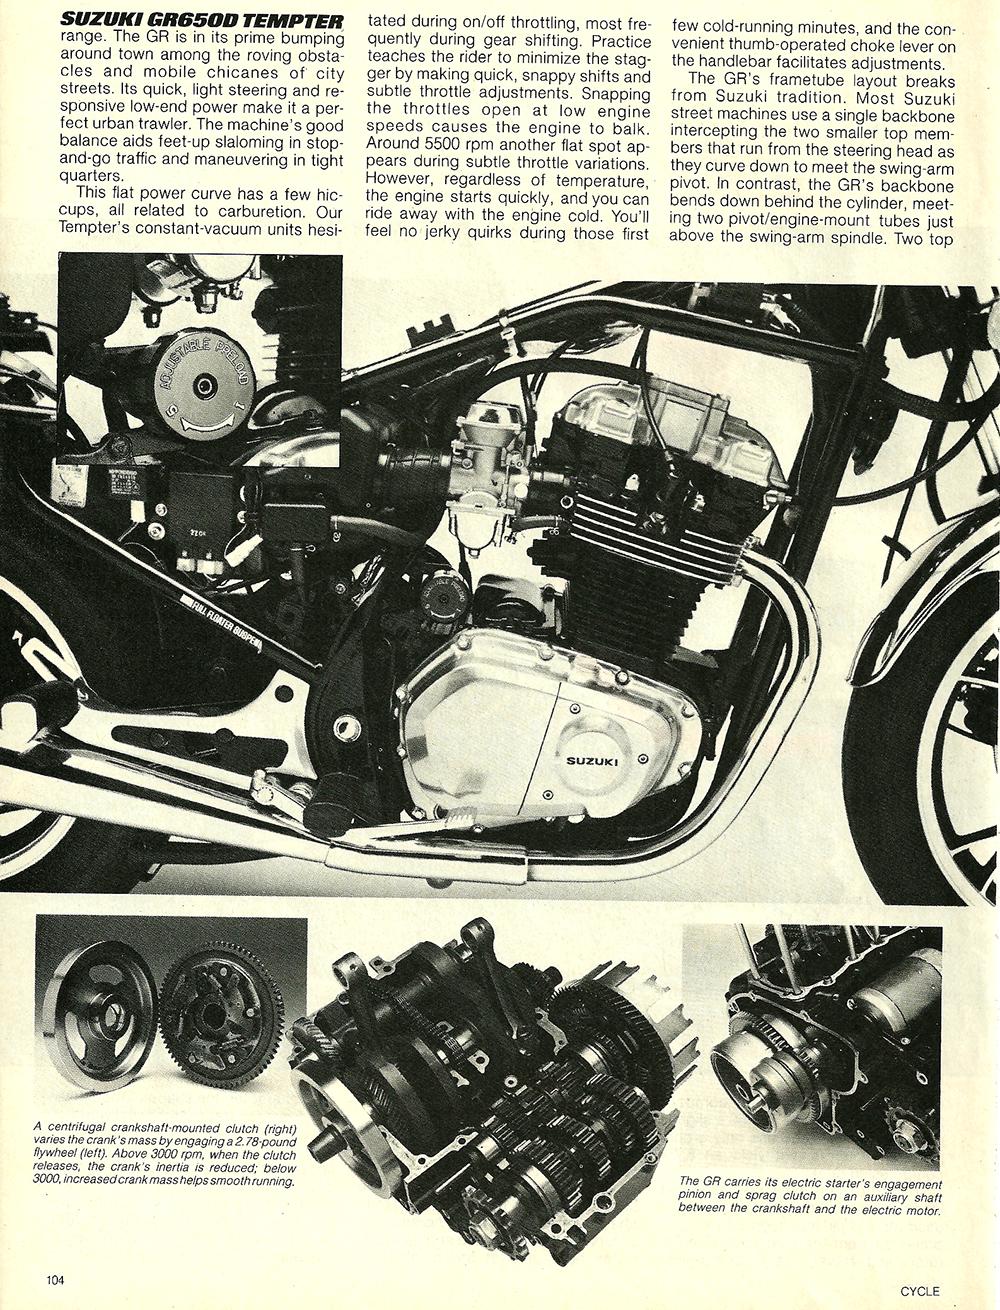 1983 Suzuki GR650D Tempter road test 5.jpg